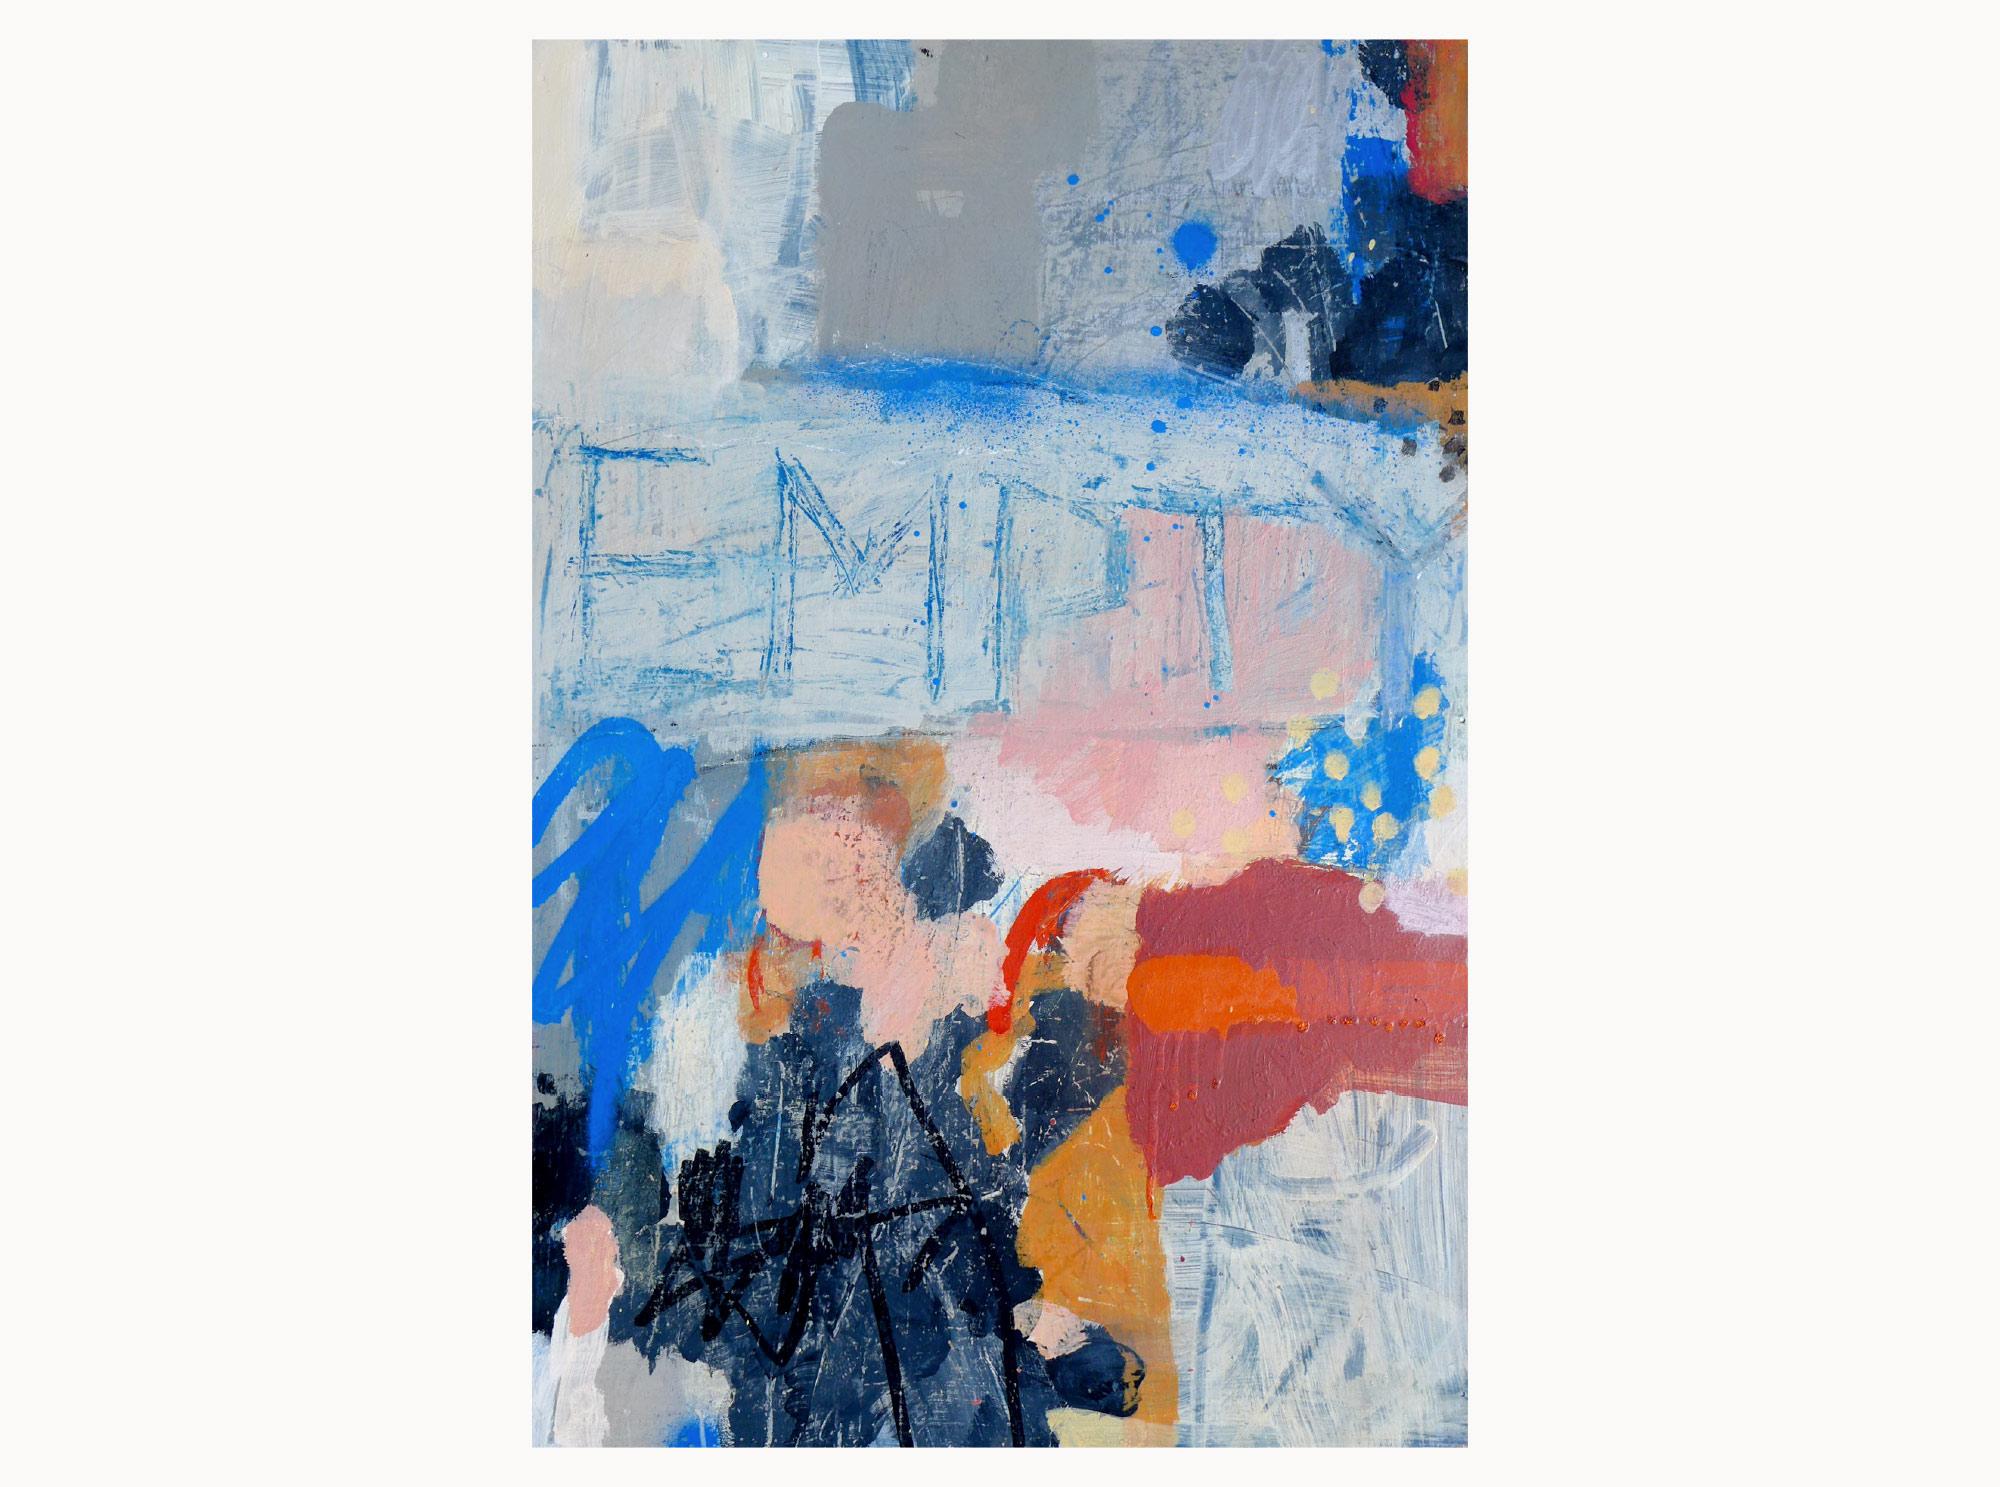 Empty sun,  2019, acrylic, aerosol, ink, plywood, 40 x 60 cm